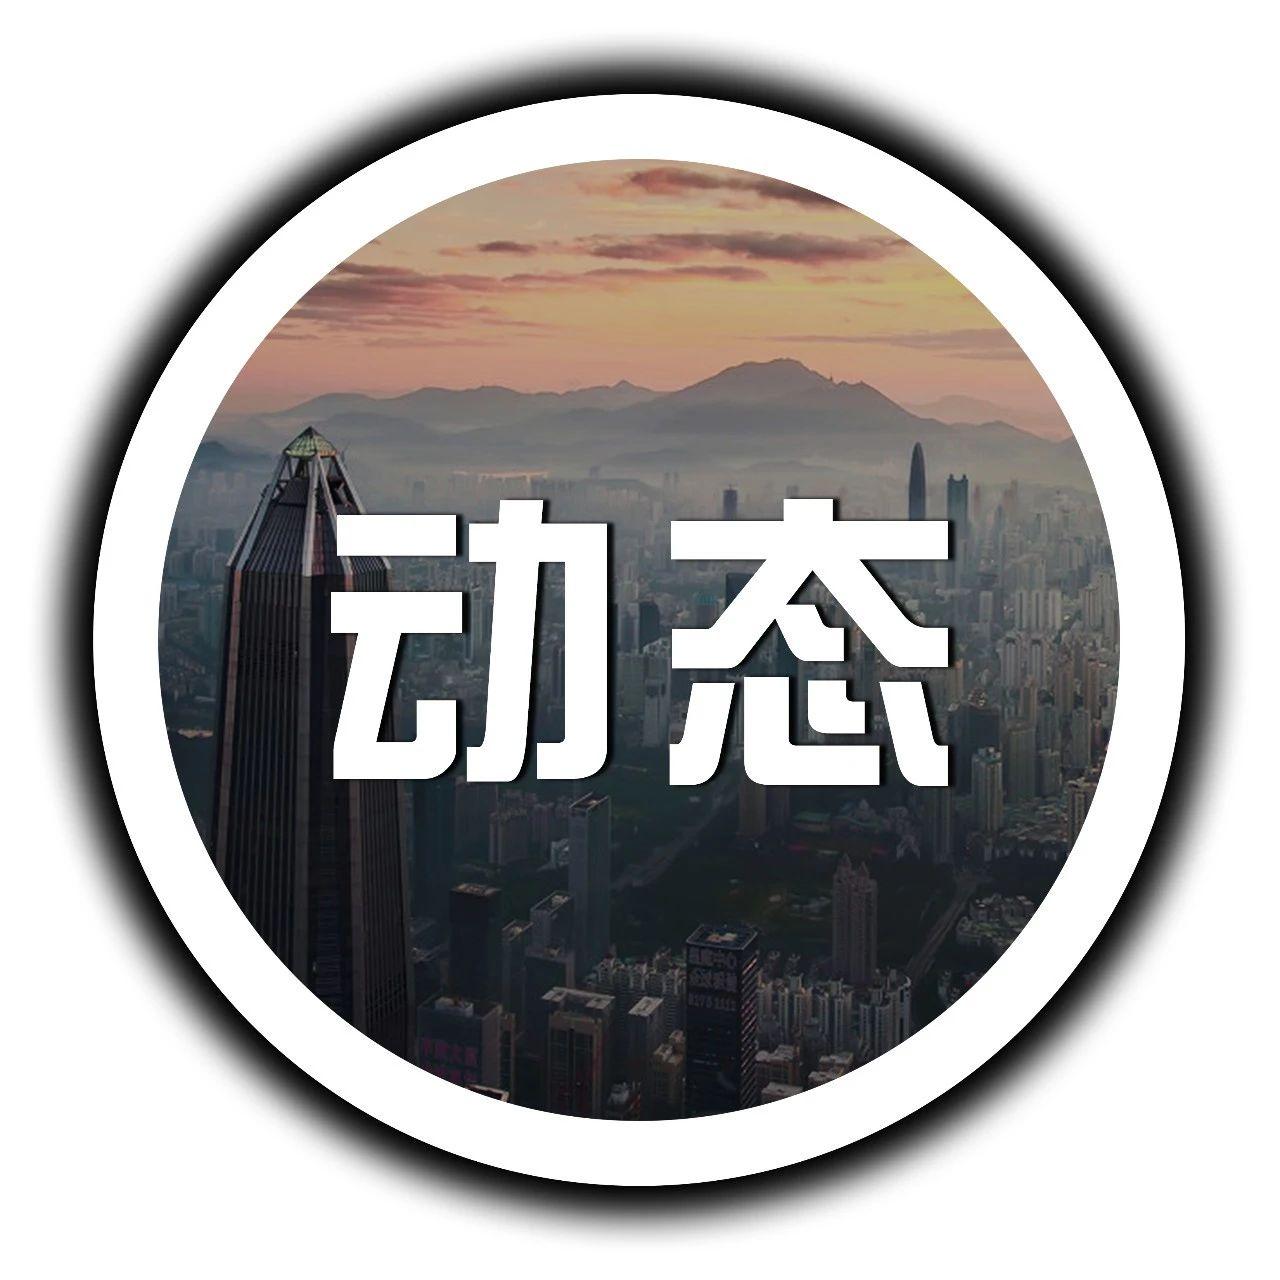 超全!深圳Top初中学区房盘点,10所学校+115个楼盘